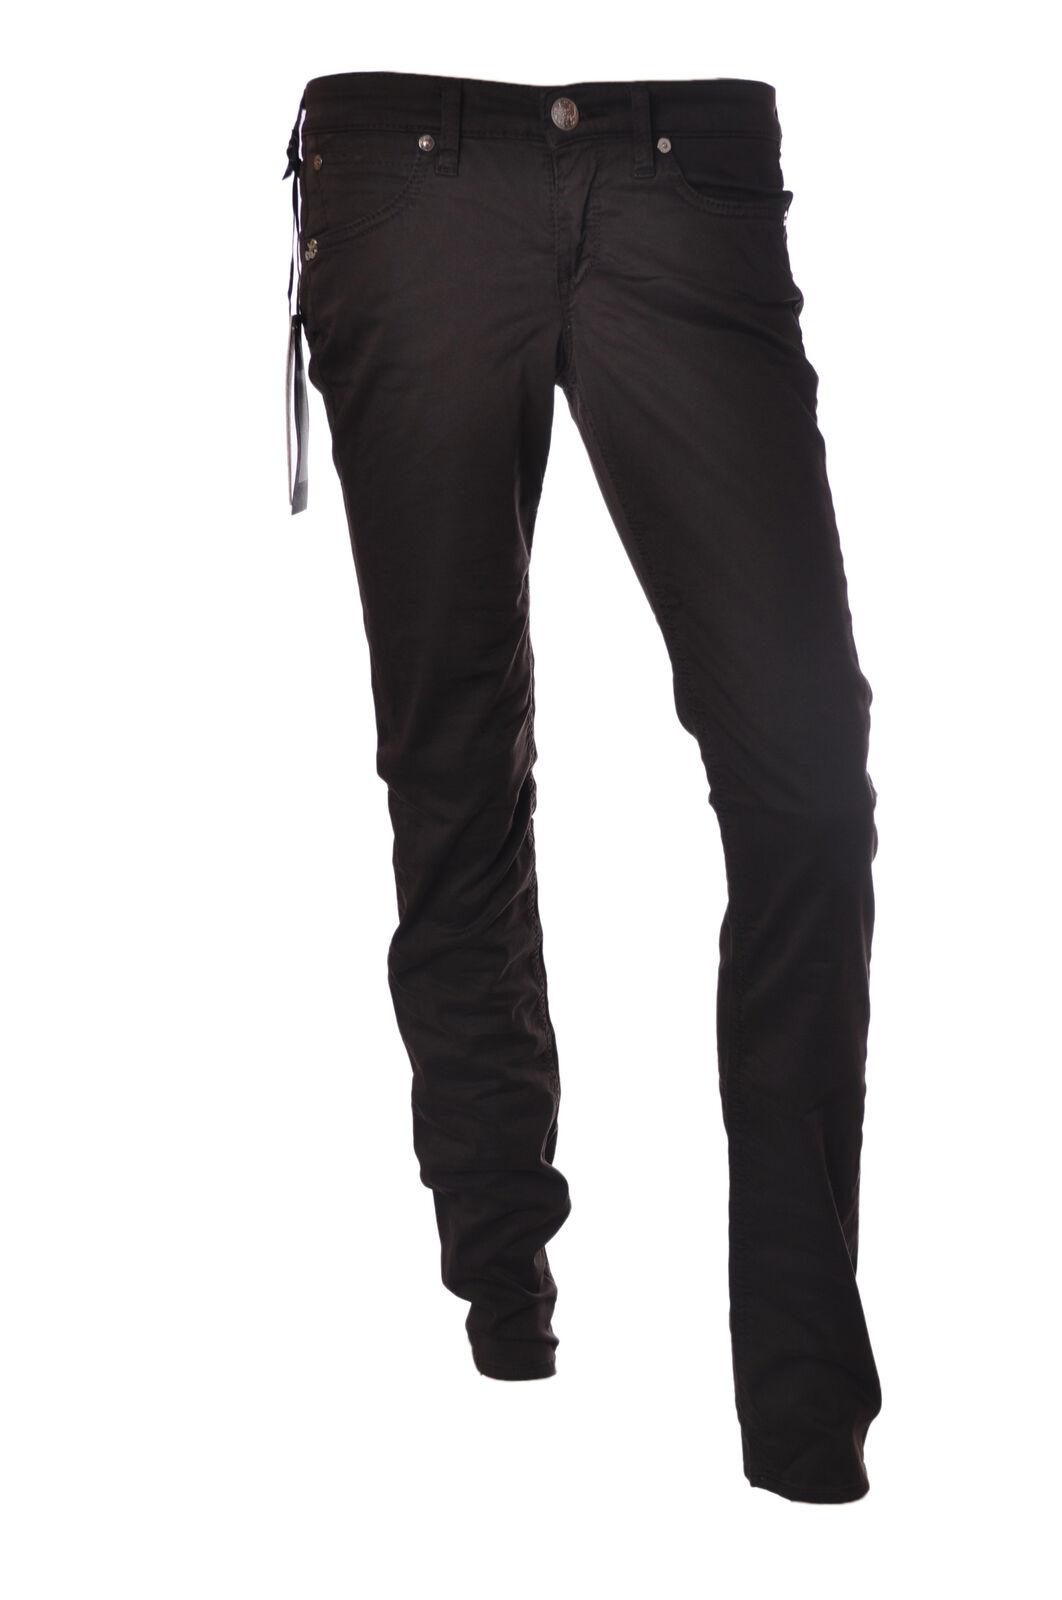 Latinò  -  Pants - Female - Brown - 4555123A181434